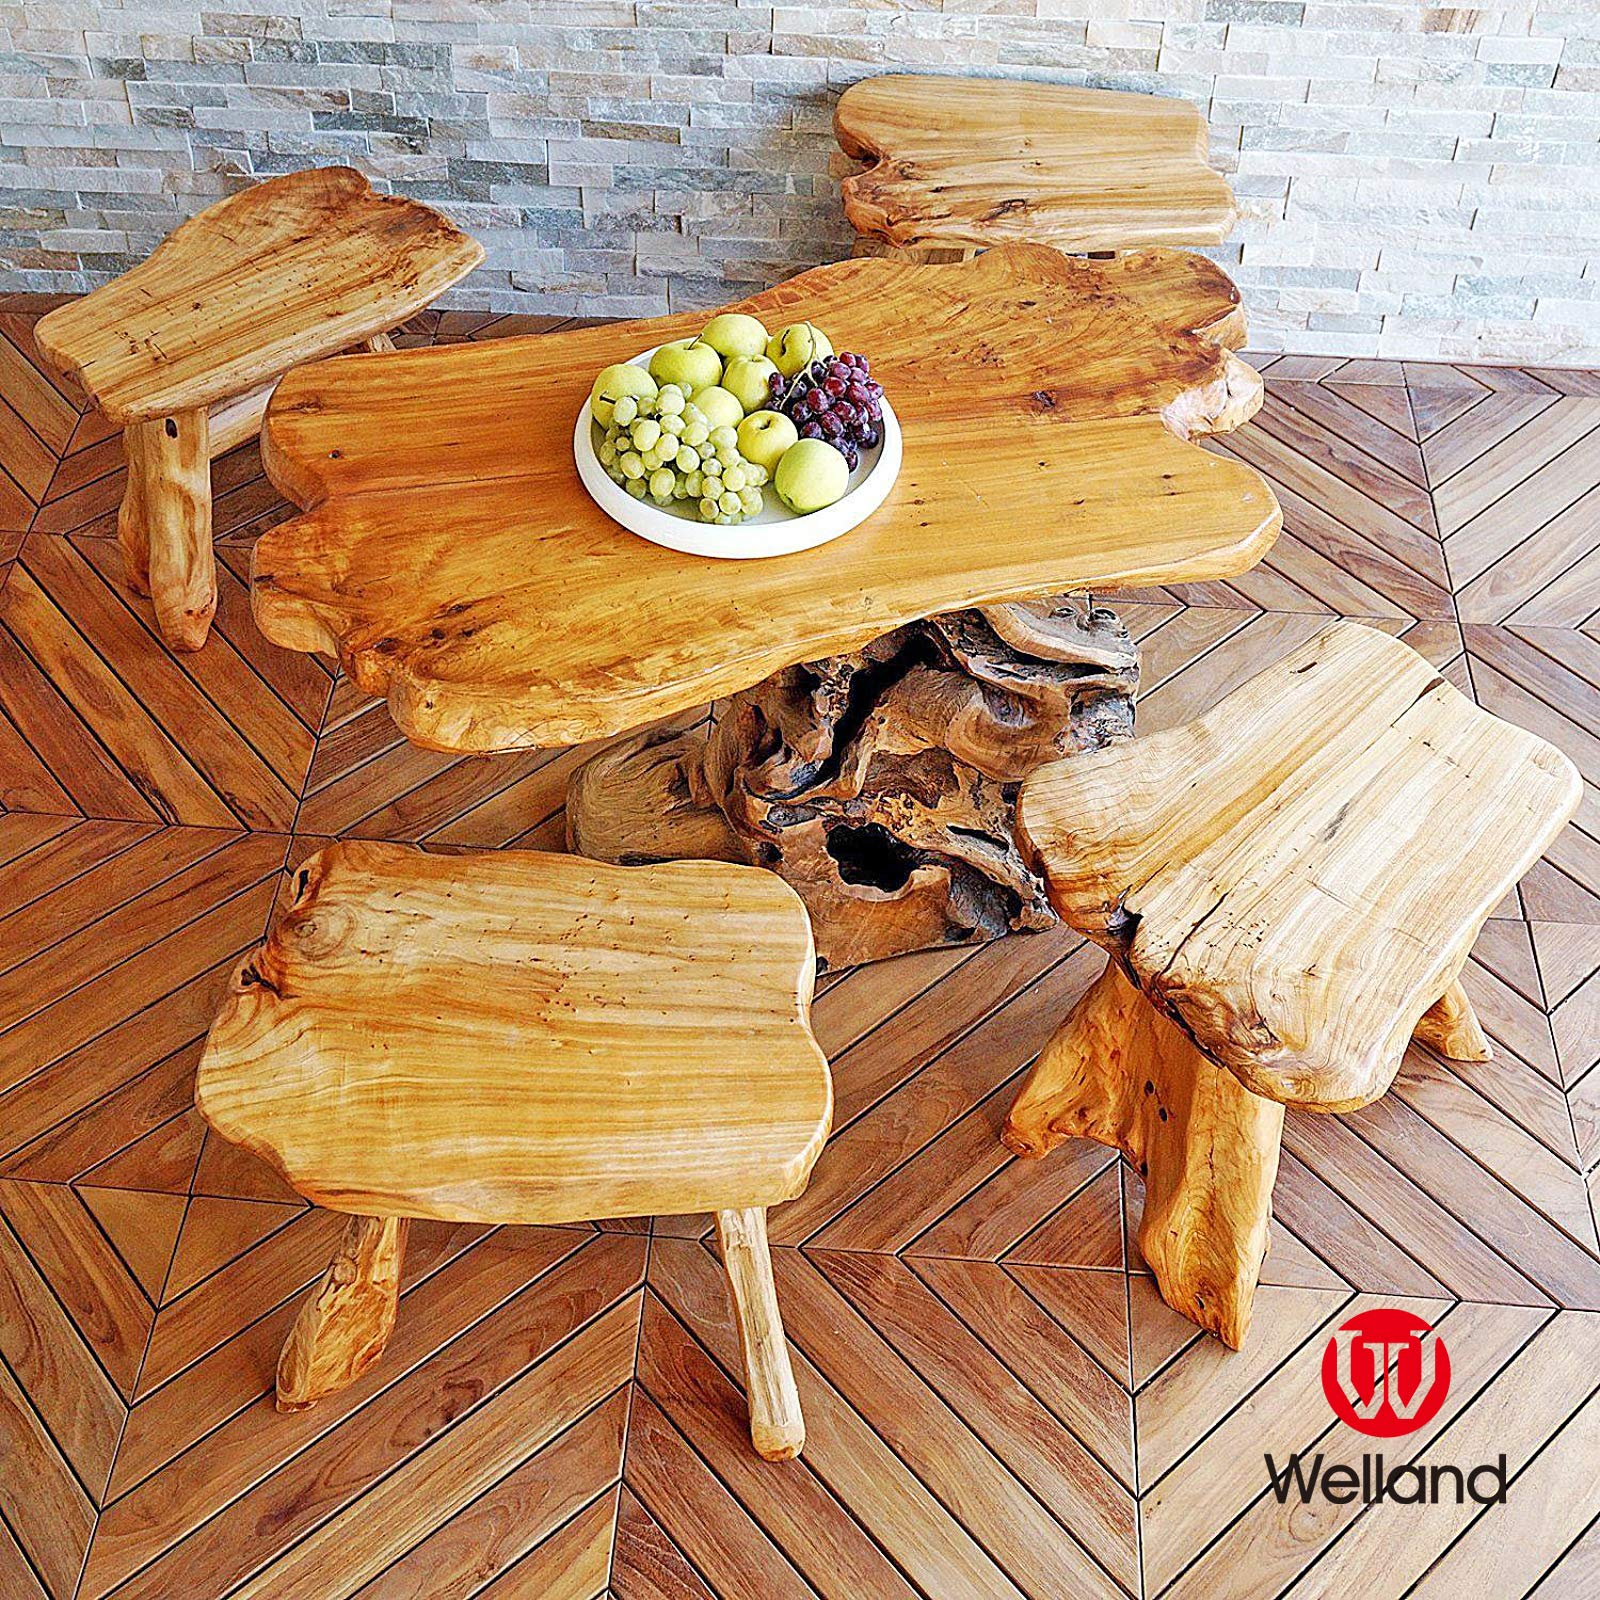 WELLAND Natural Wood Indoor/Outdoor Stool Cedar Garden Bench by WELLAND (Image #3)